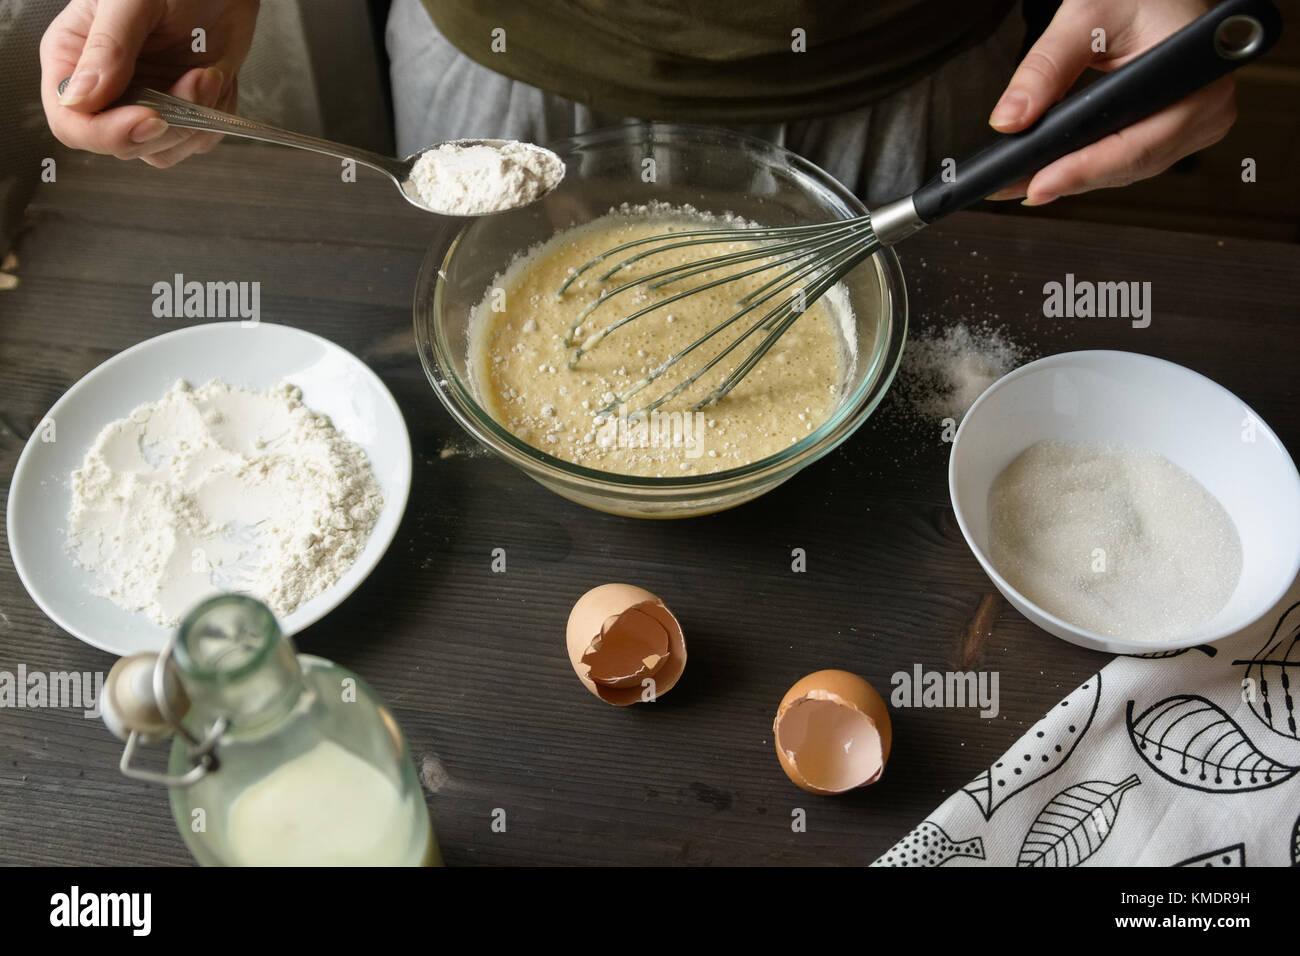 Baking pancakes in rural kitchen - Stock Image